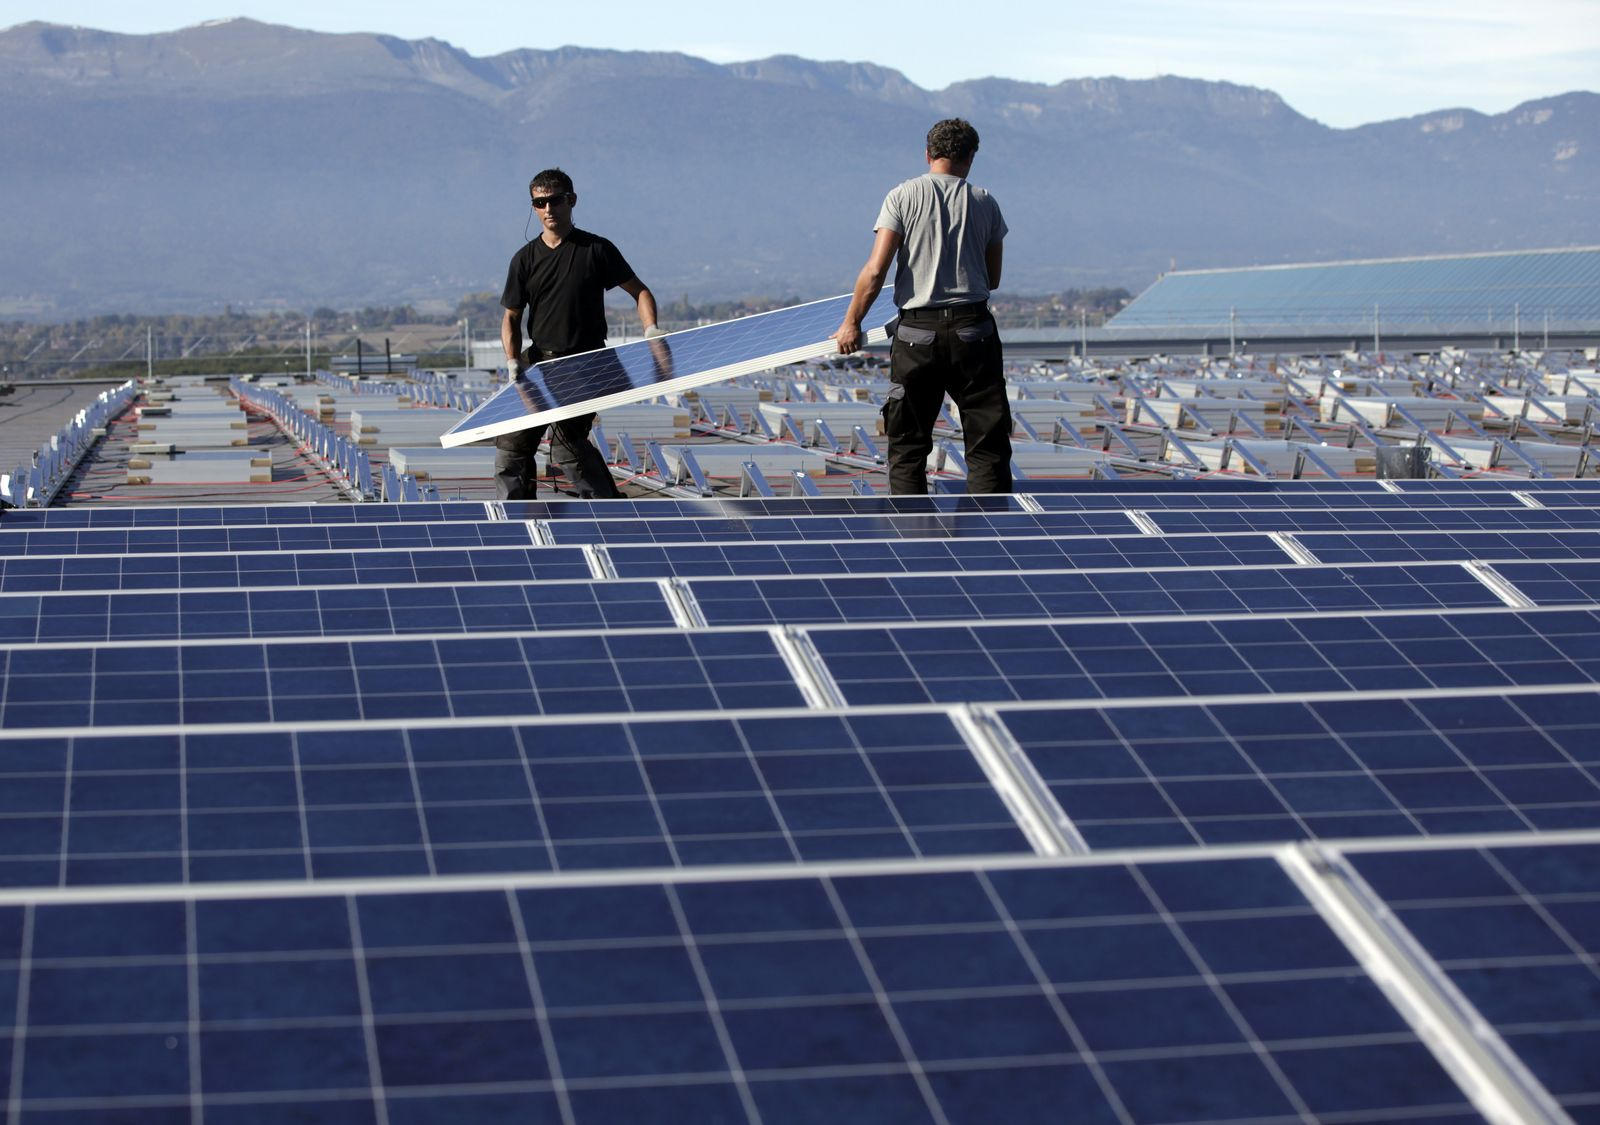 Schweiz / Solar Palexpo Exhibition Center